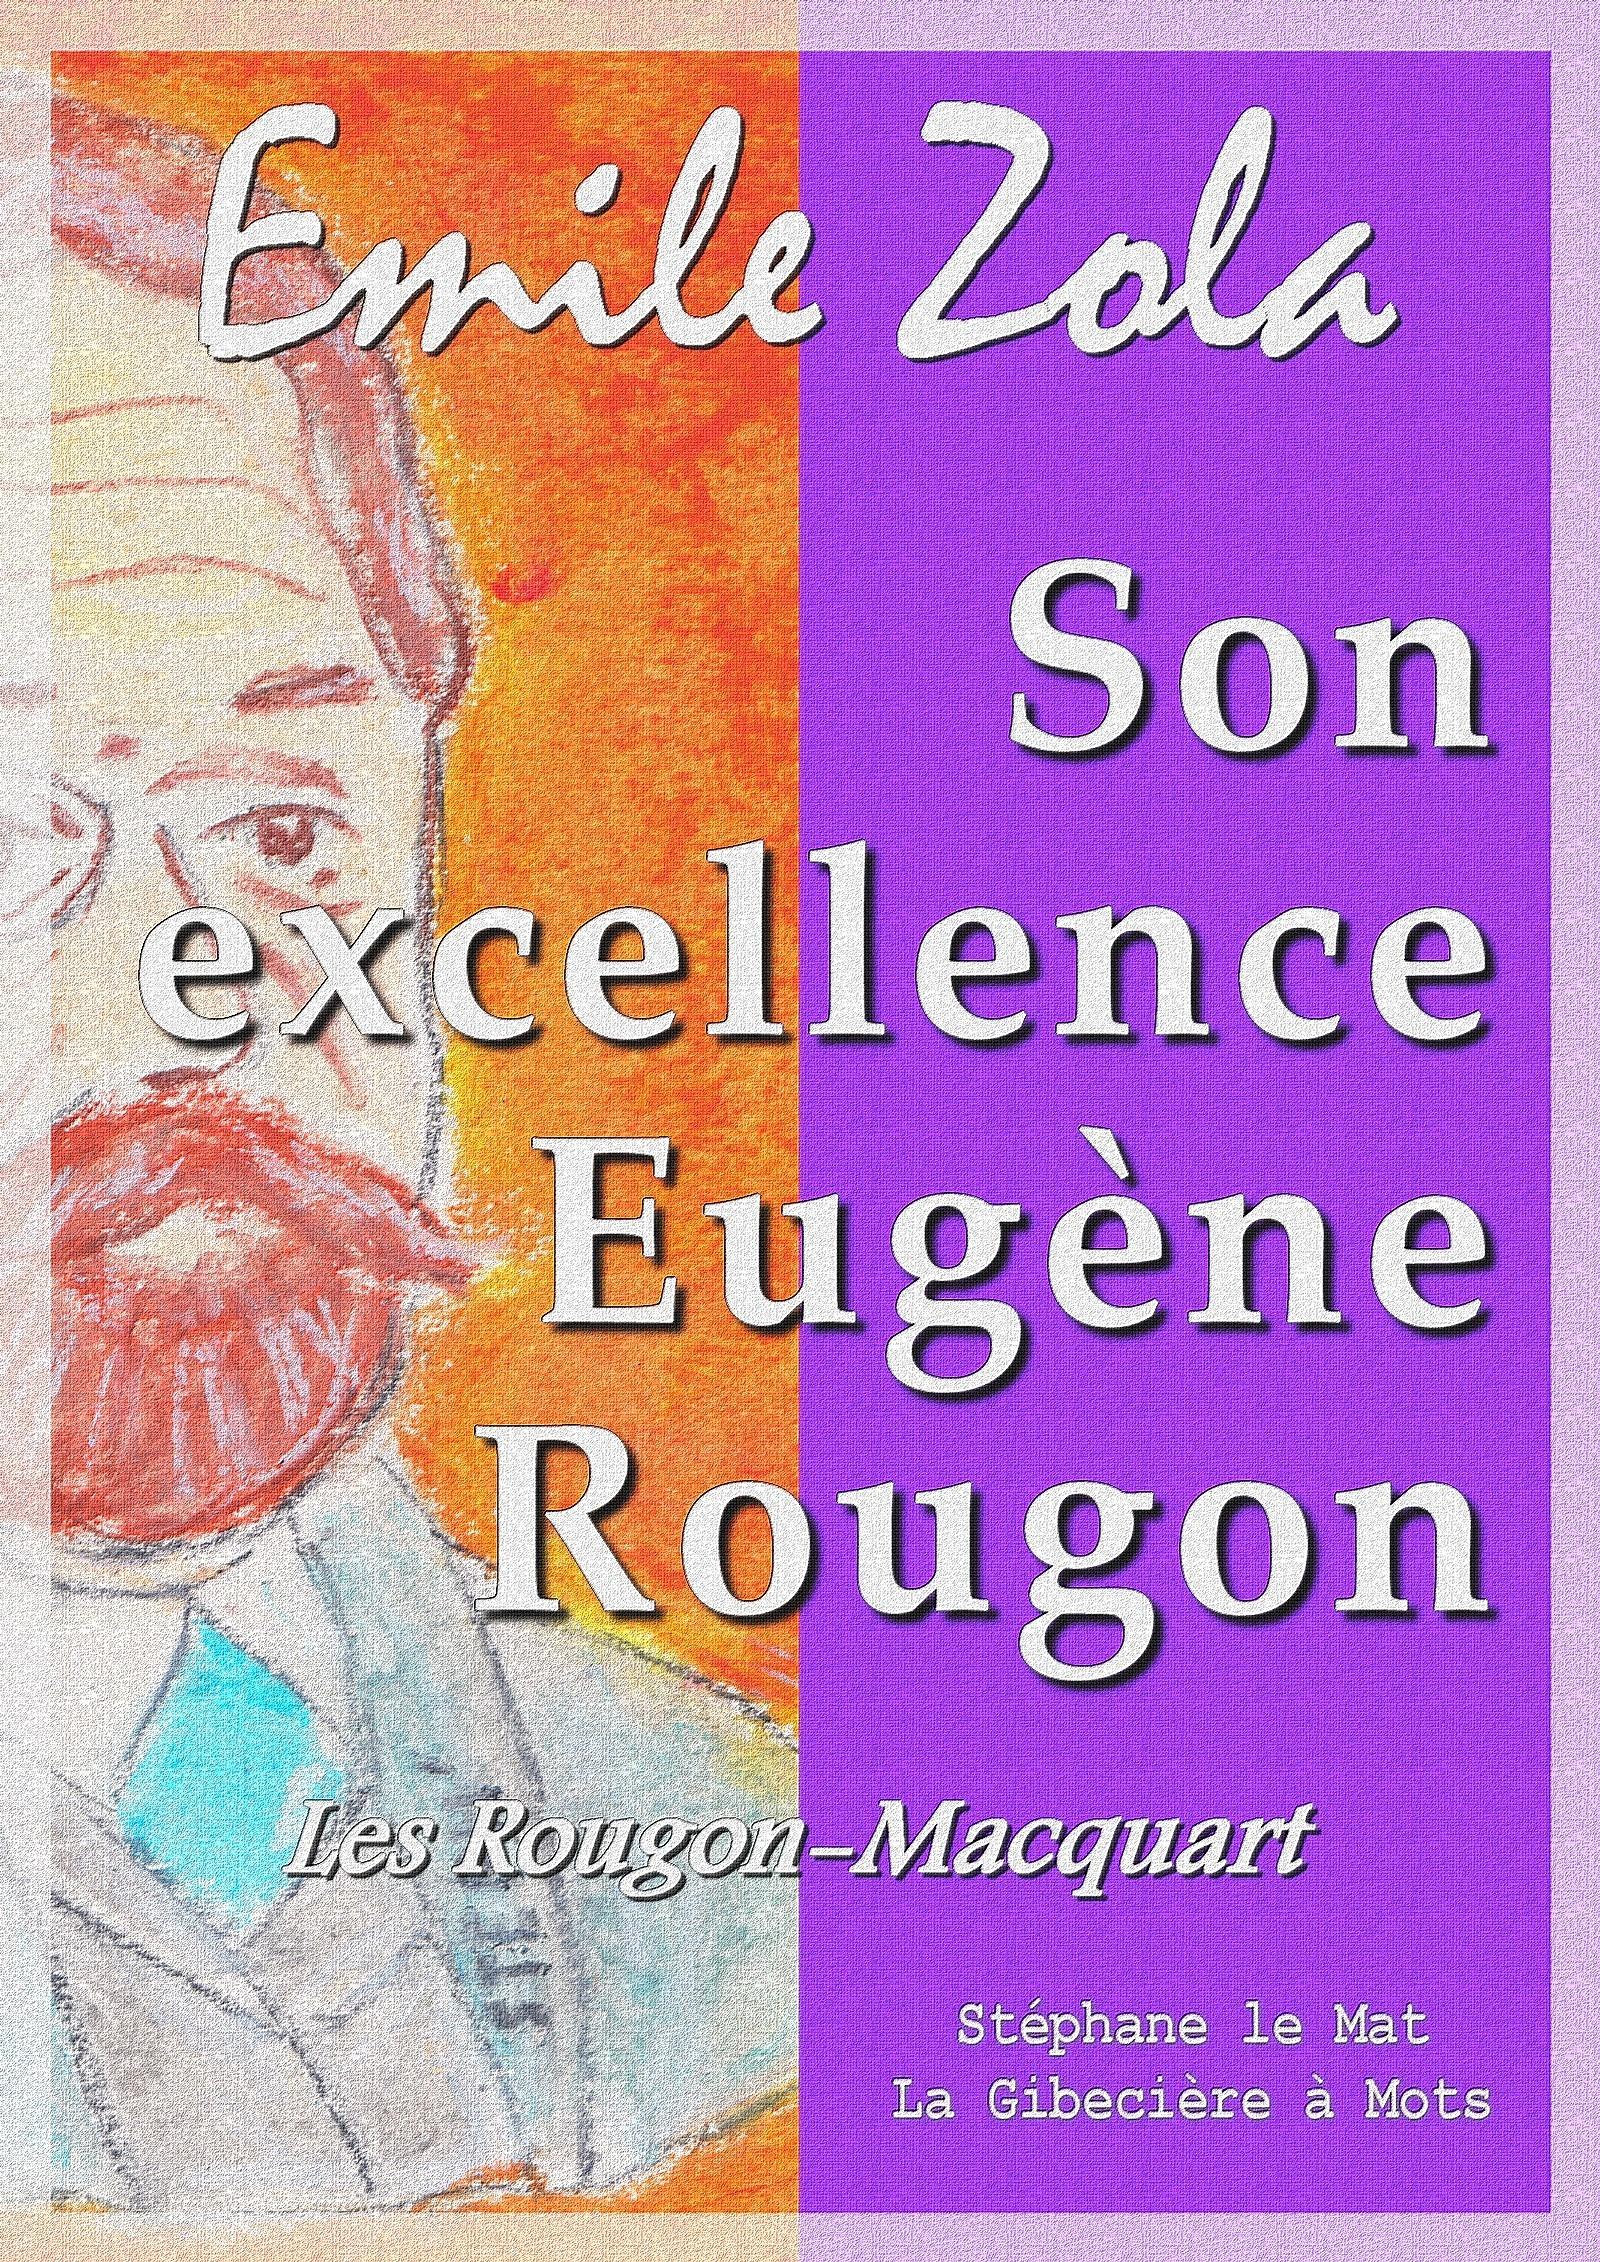 Son excellence Eugène Rougon, LES ROUGON-MACQUART 6/20